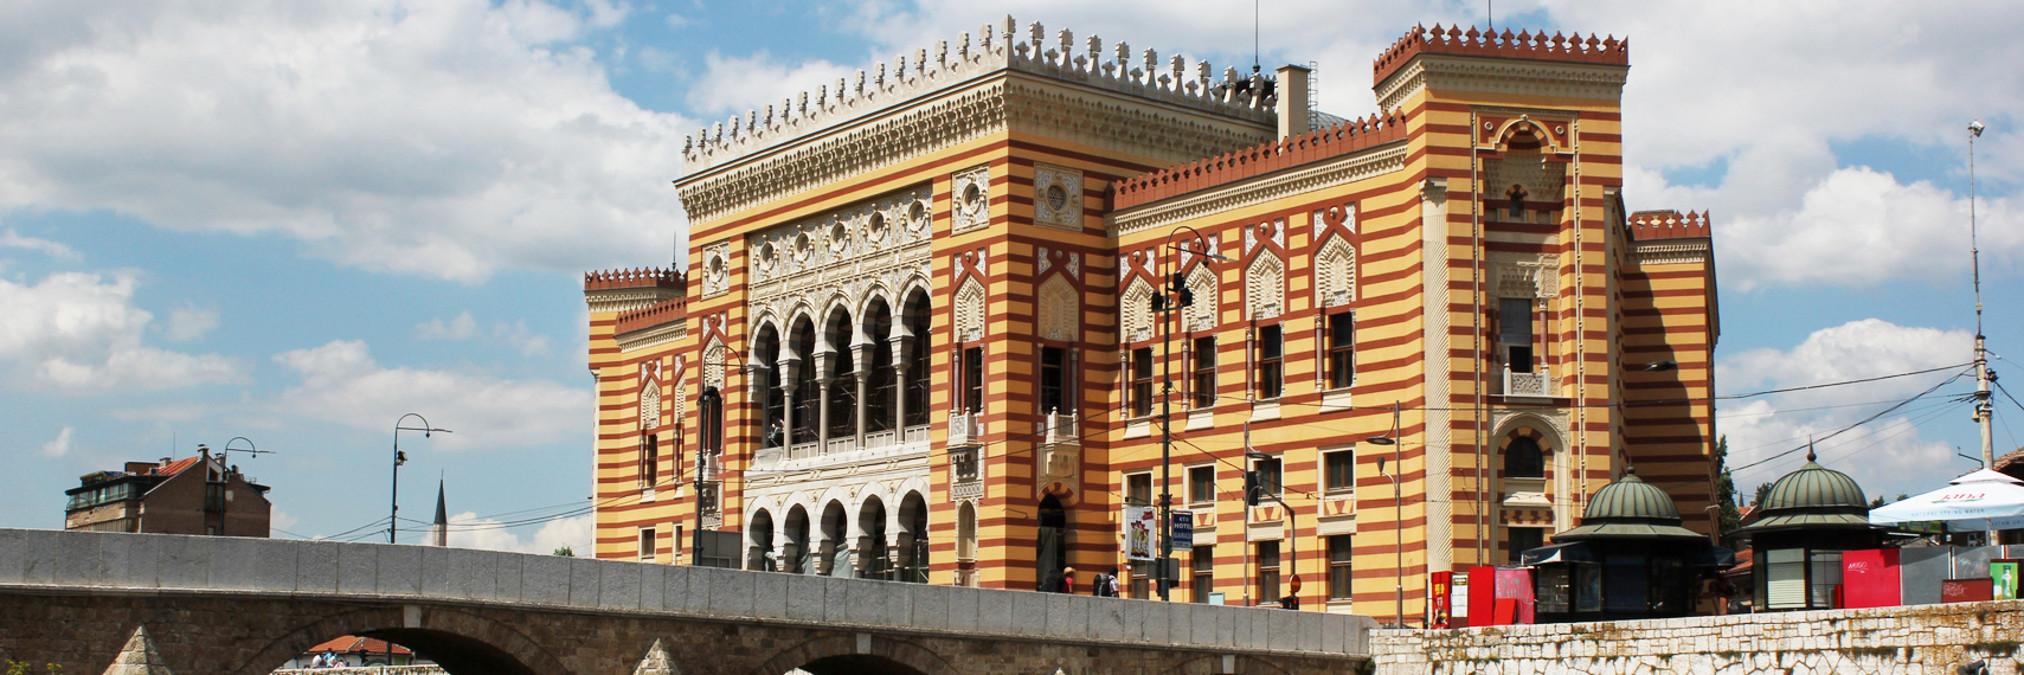 7 самых красивых австрийских зданий в Сараеве